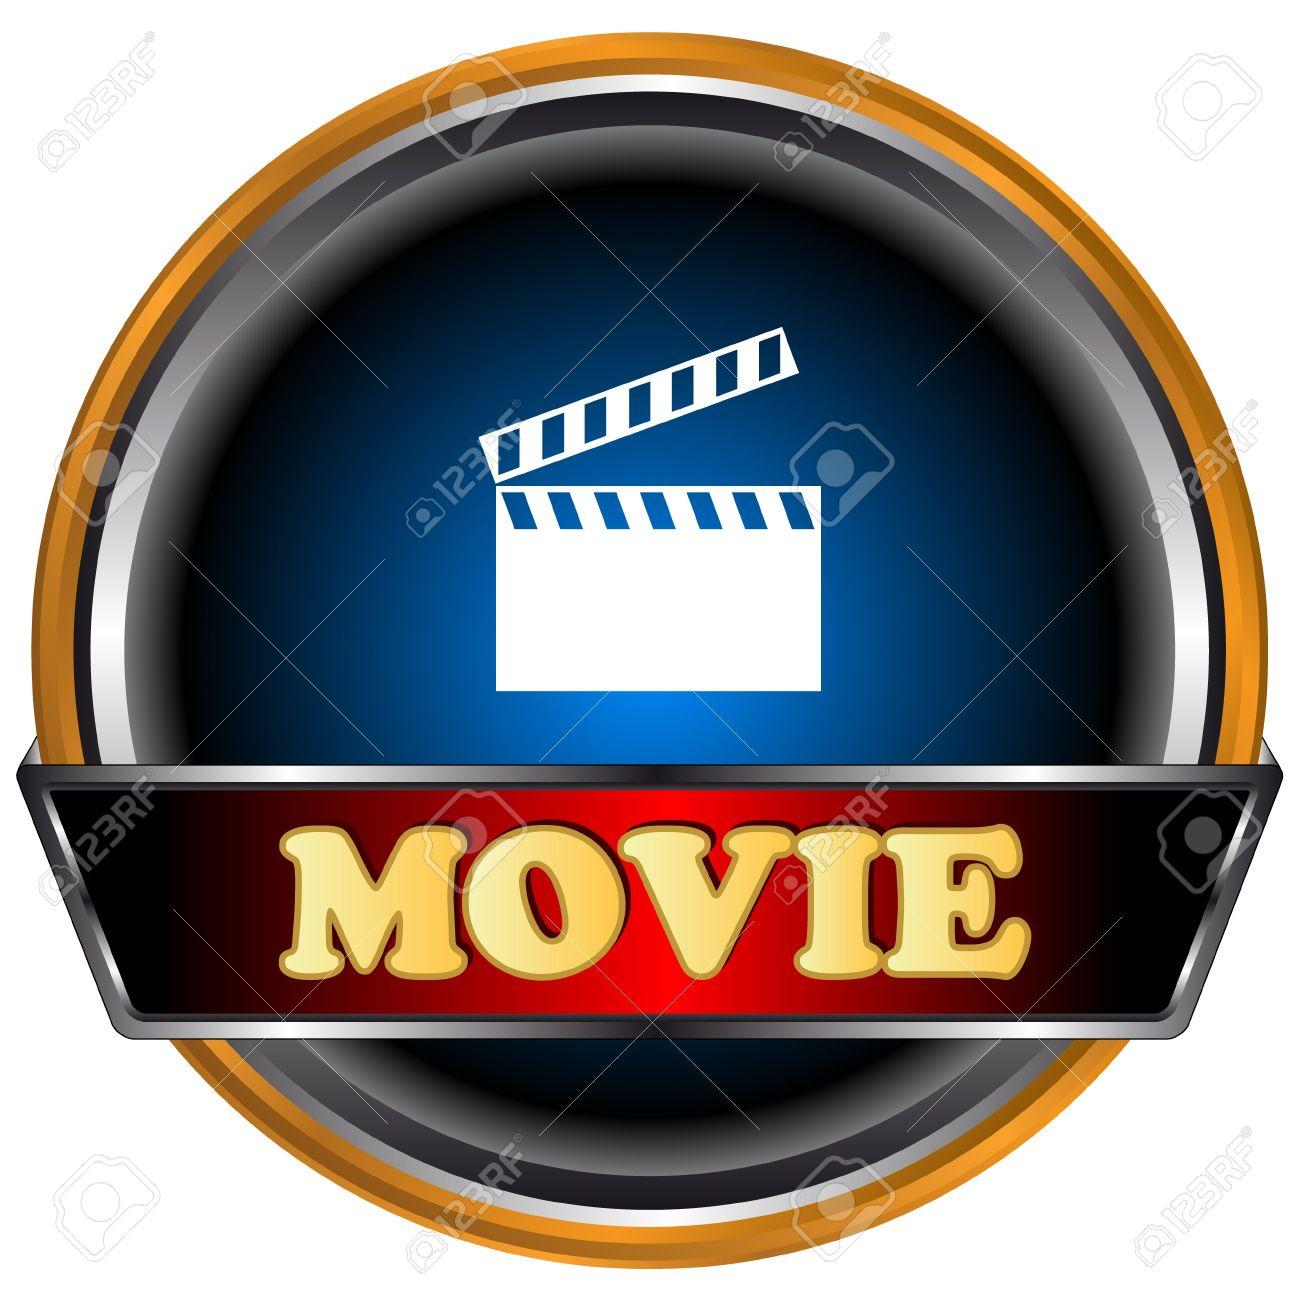 Tư vấn về việc xin giấy phép kinh doanh – Sản xuất phim điện ảnh